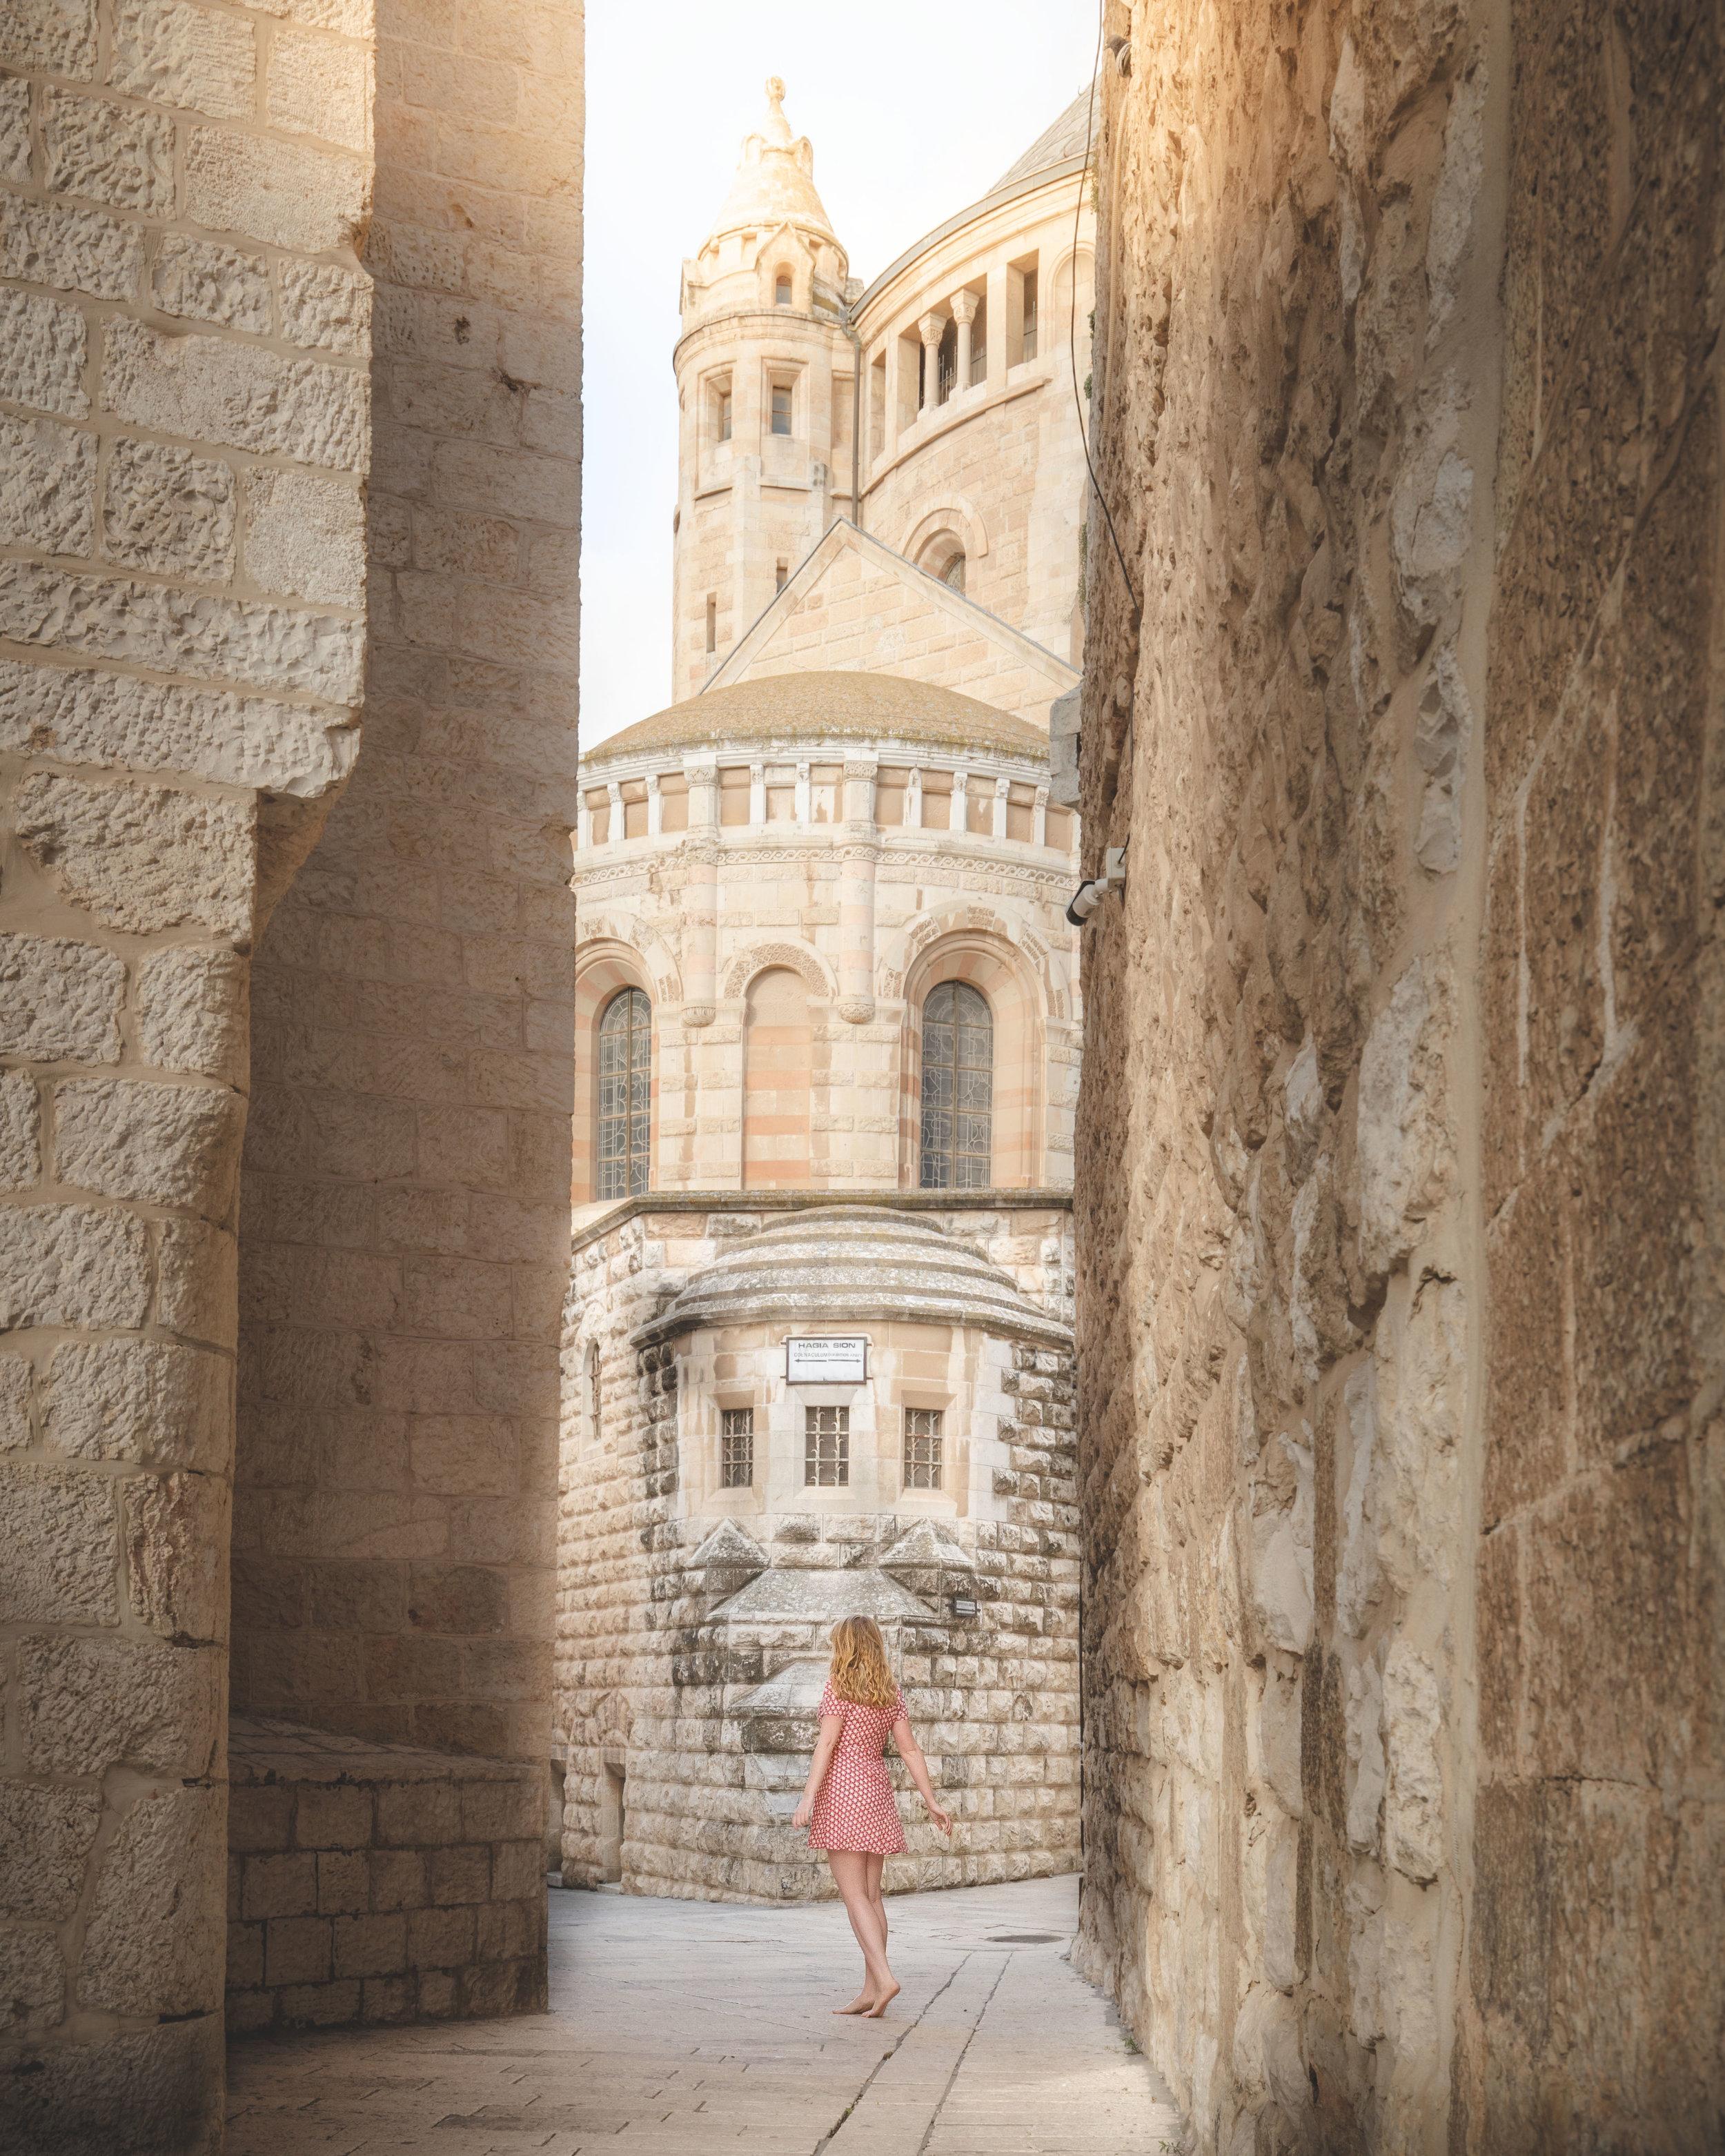 The streets by the Zion Gate, Jerusalem